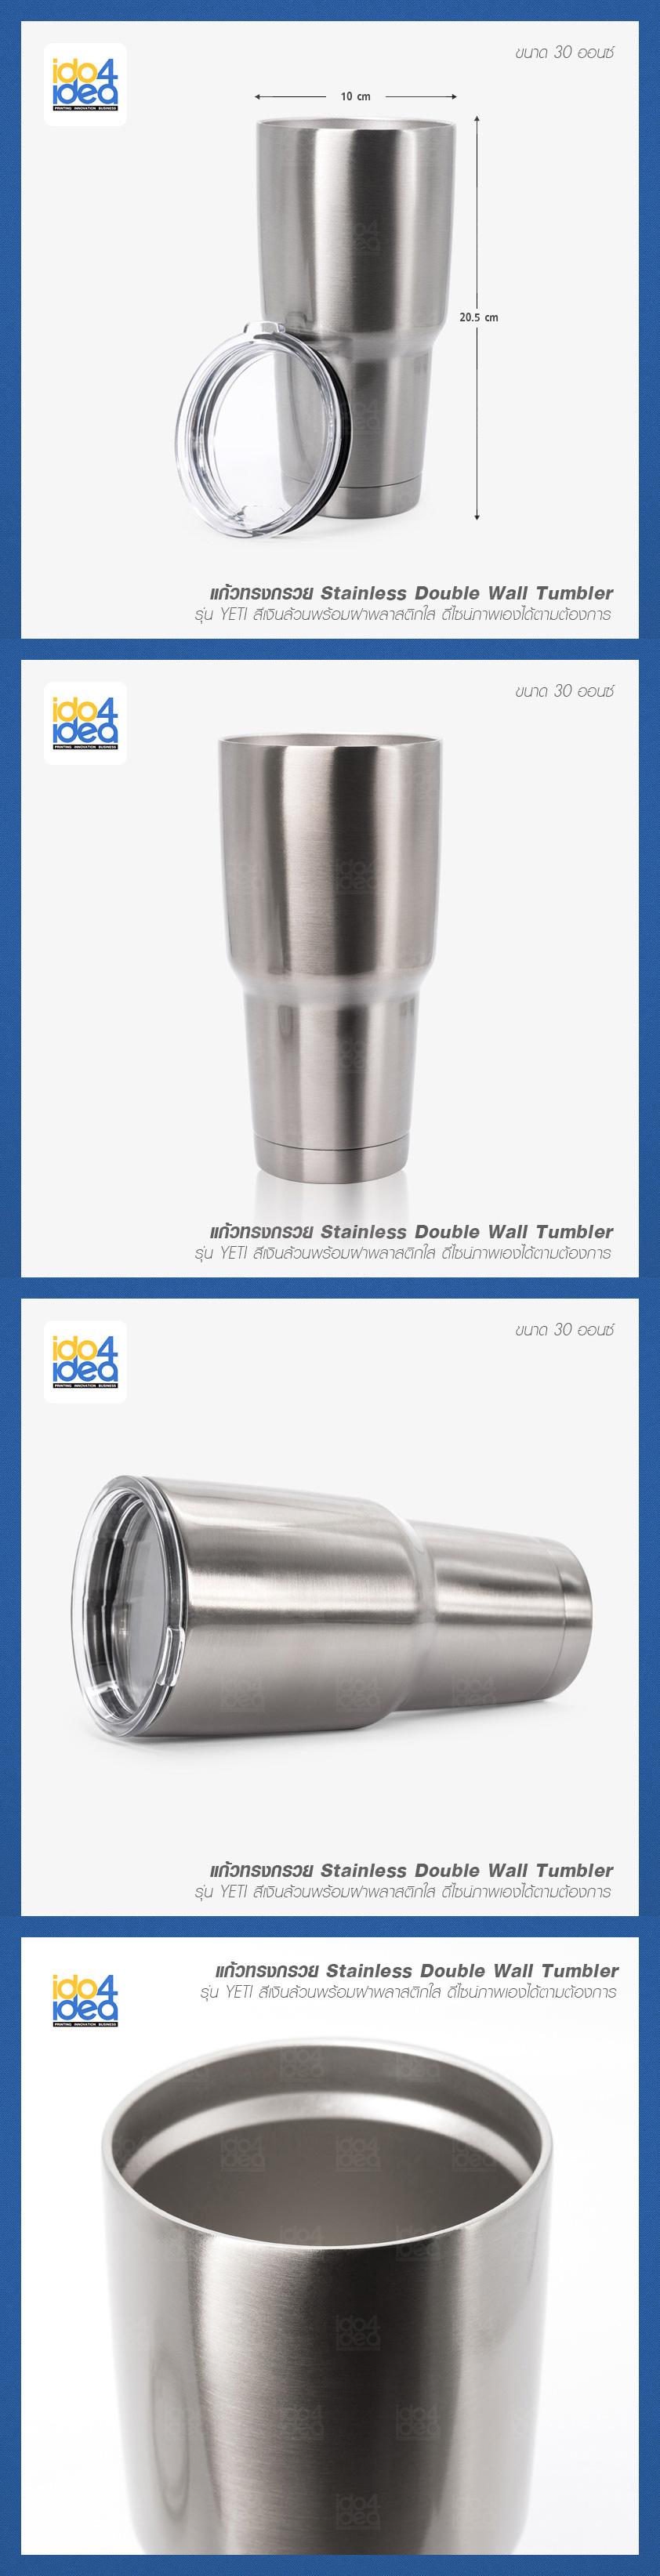 แก้วทรงกรวย Stainless Double Wall Tumbler รุ่น Yeti สีเงิน 30 Oz.